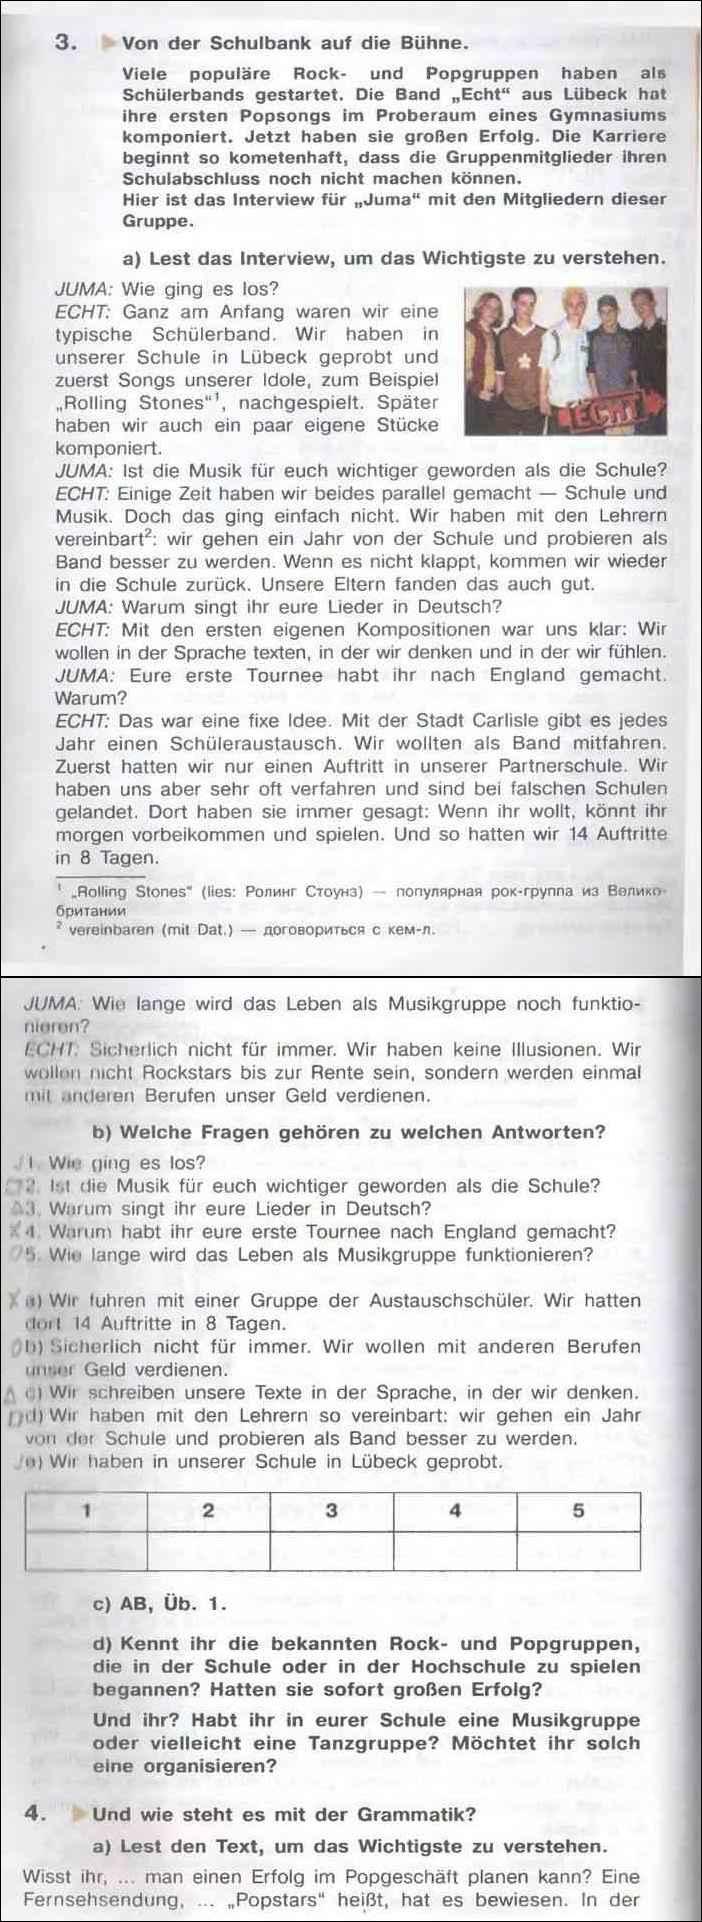 Der heiße schulbank auf träume Jürgen Enz